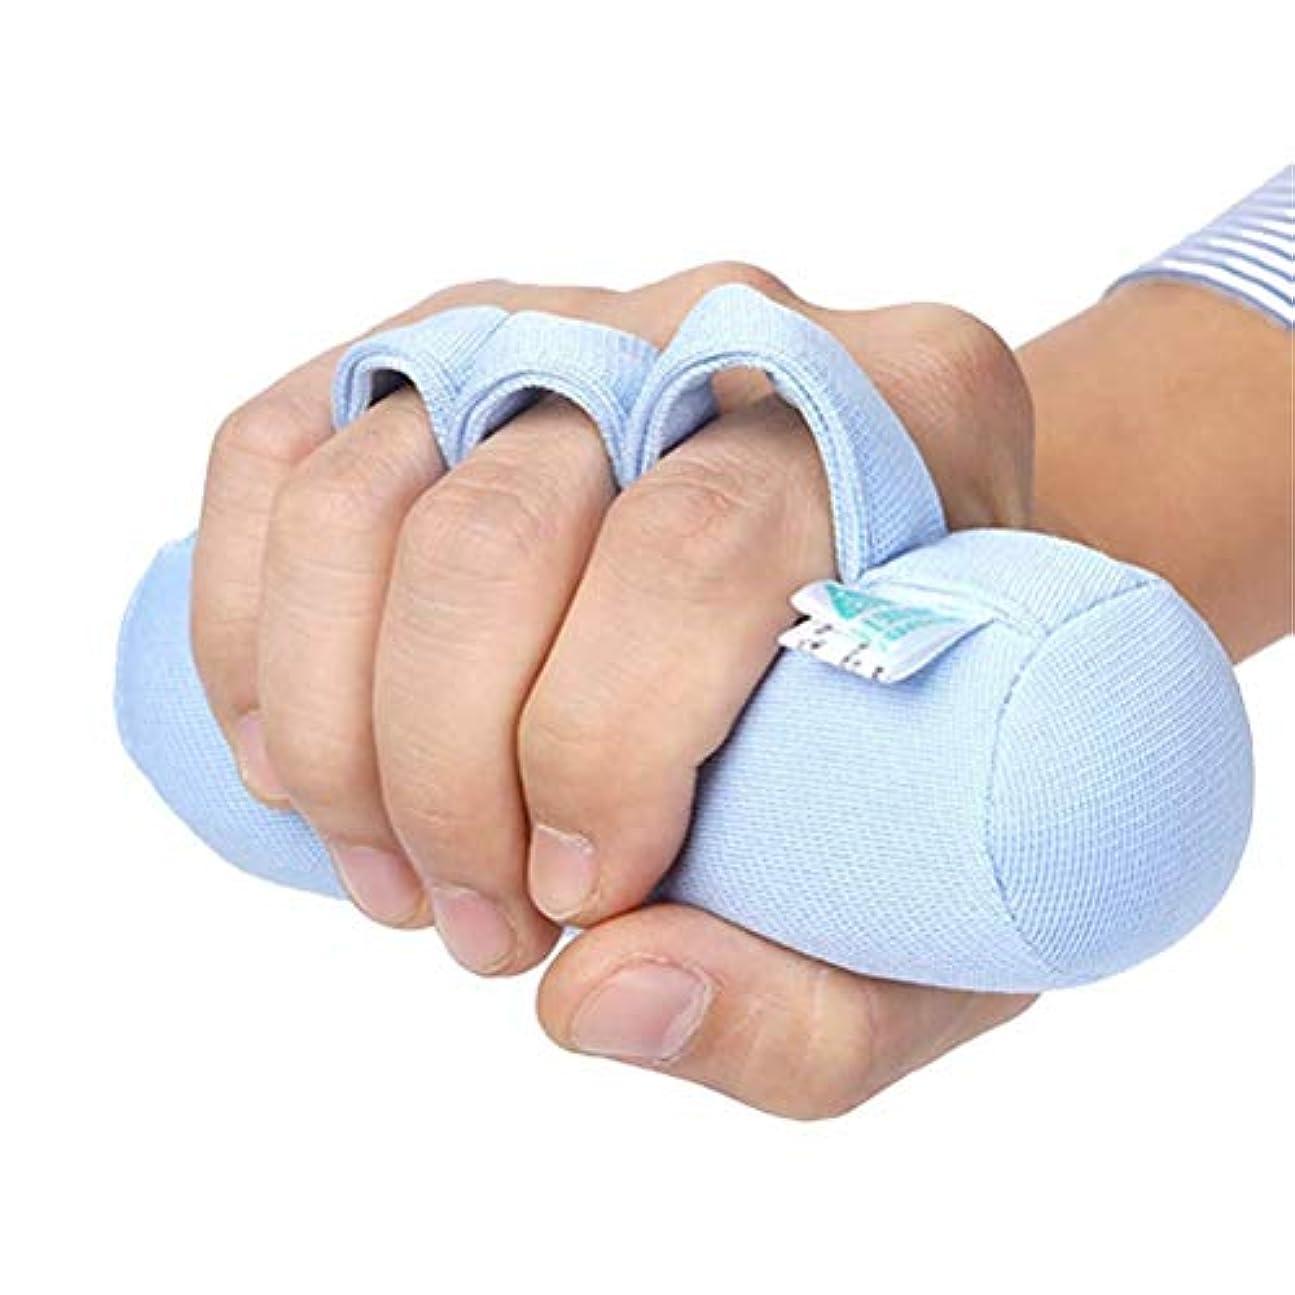 タック裁定納屋左右の手に適した指セパレーター手拘縮装具、高齢者のスポーツ指のリハビリ、ベッドに乗った患者抗褥瘡ケアパッド、